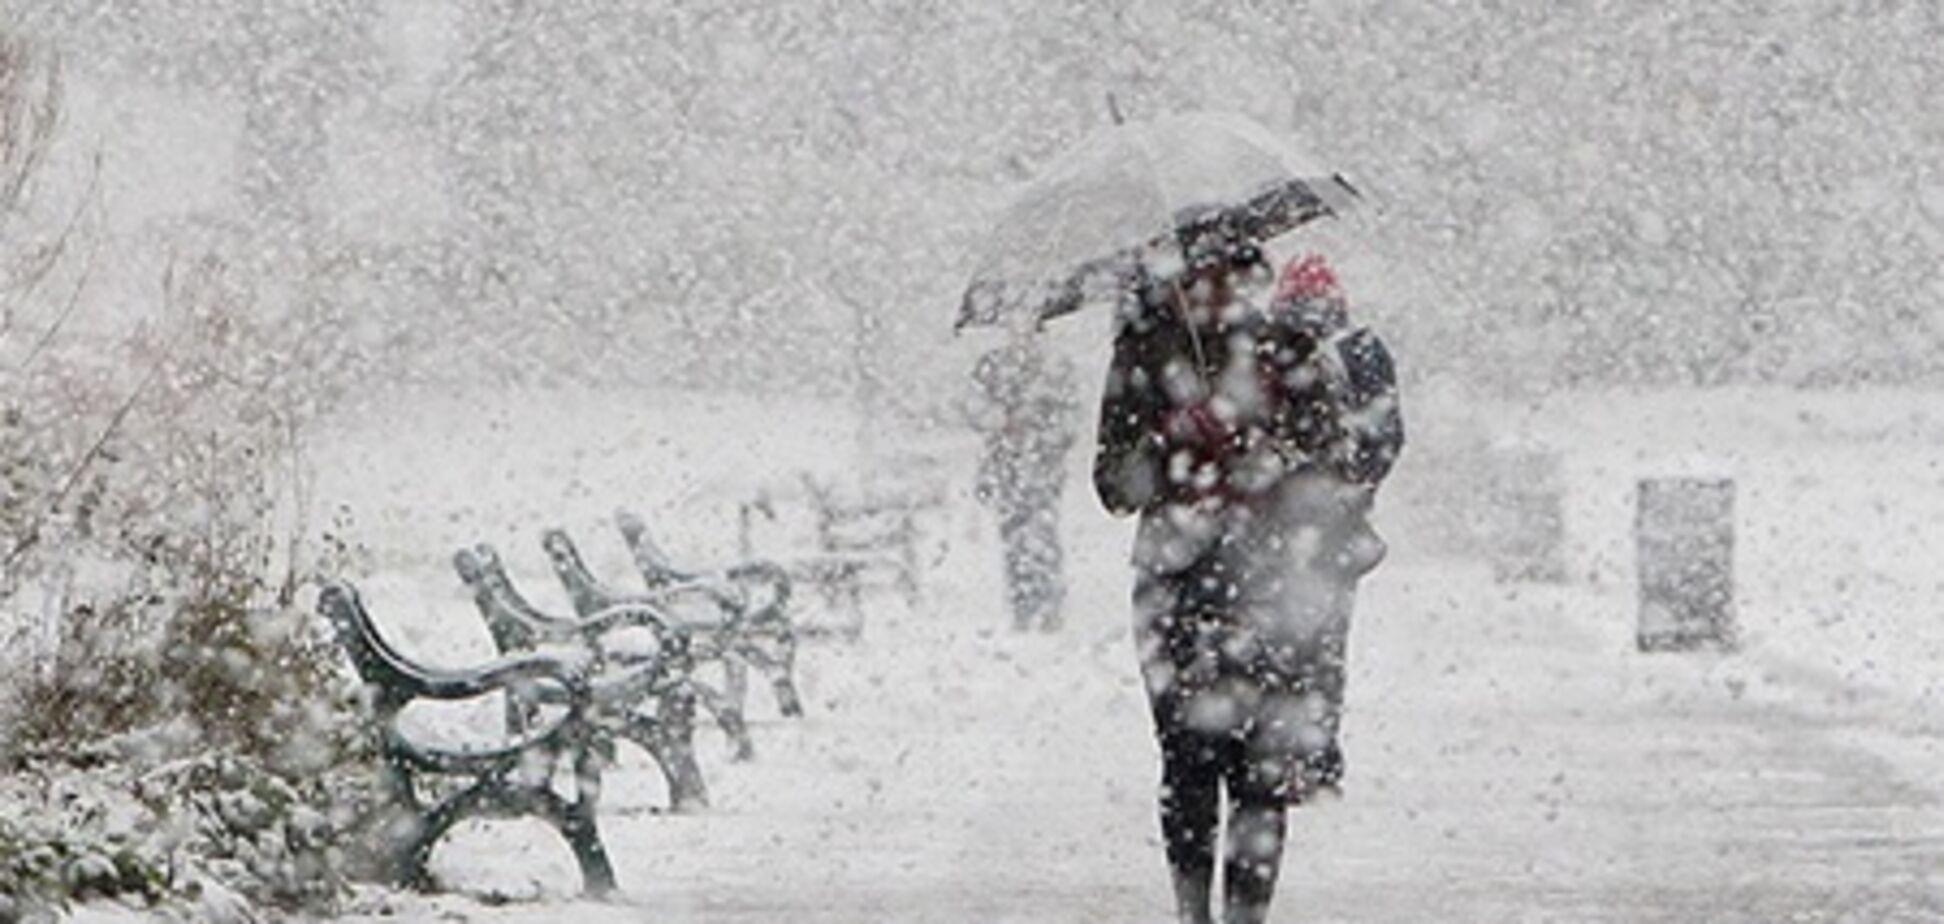 Во Львове за сутки выпала месячная норма снега